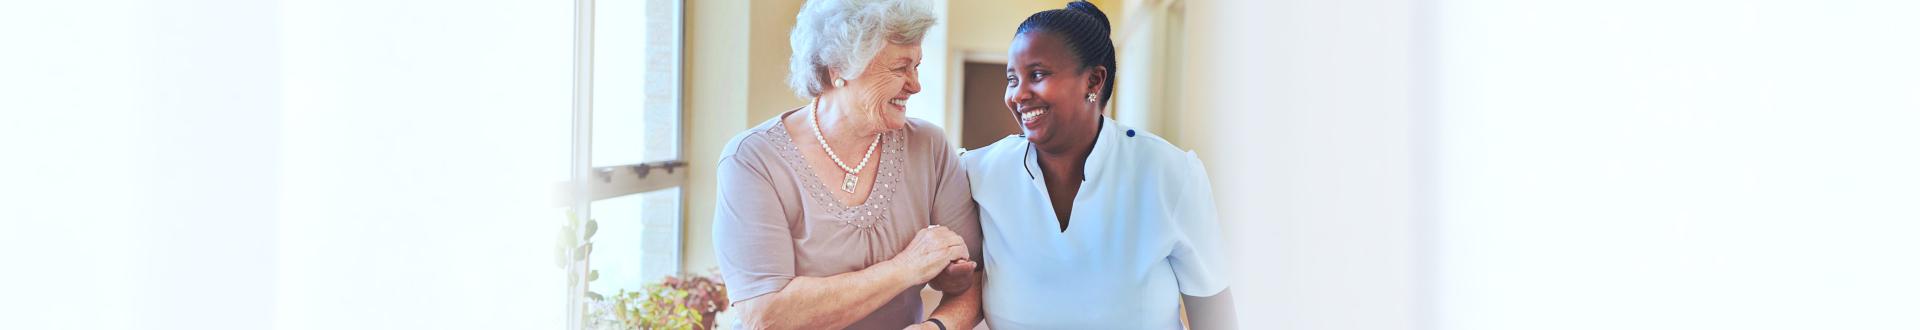 nurse and caregiver walking together